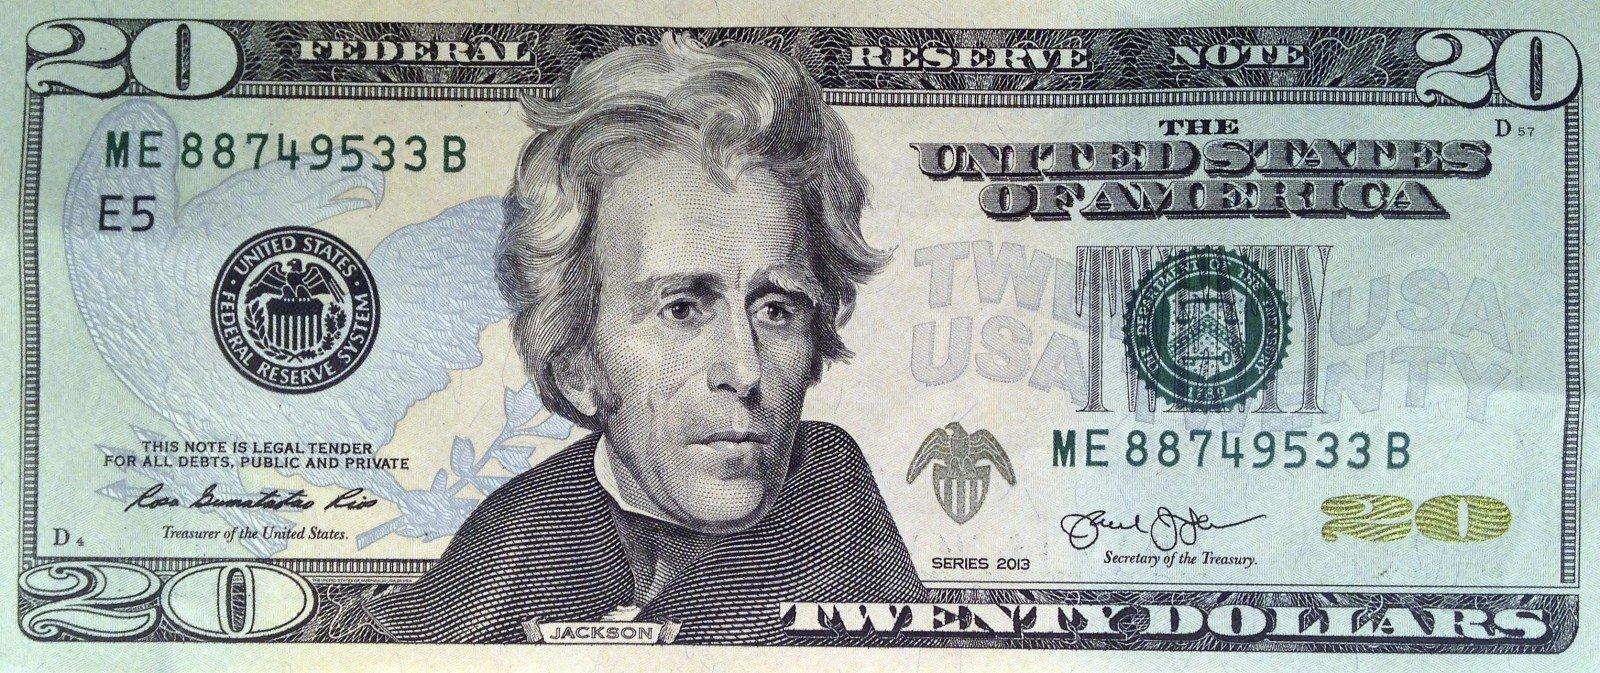 Kaip užsidirbti pinigų 20 dolerių Kaip per 20 dienų uždirbti milijoną dolerių? :: IT :: dailesidejos.lt